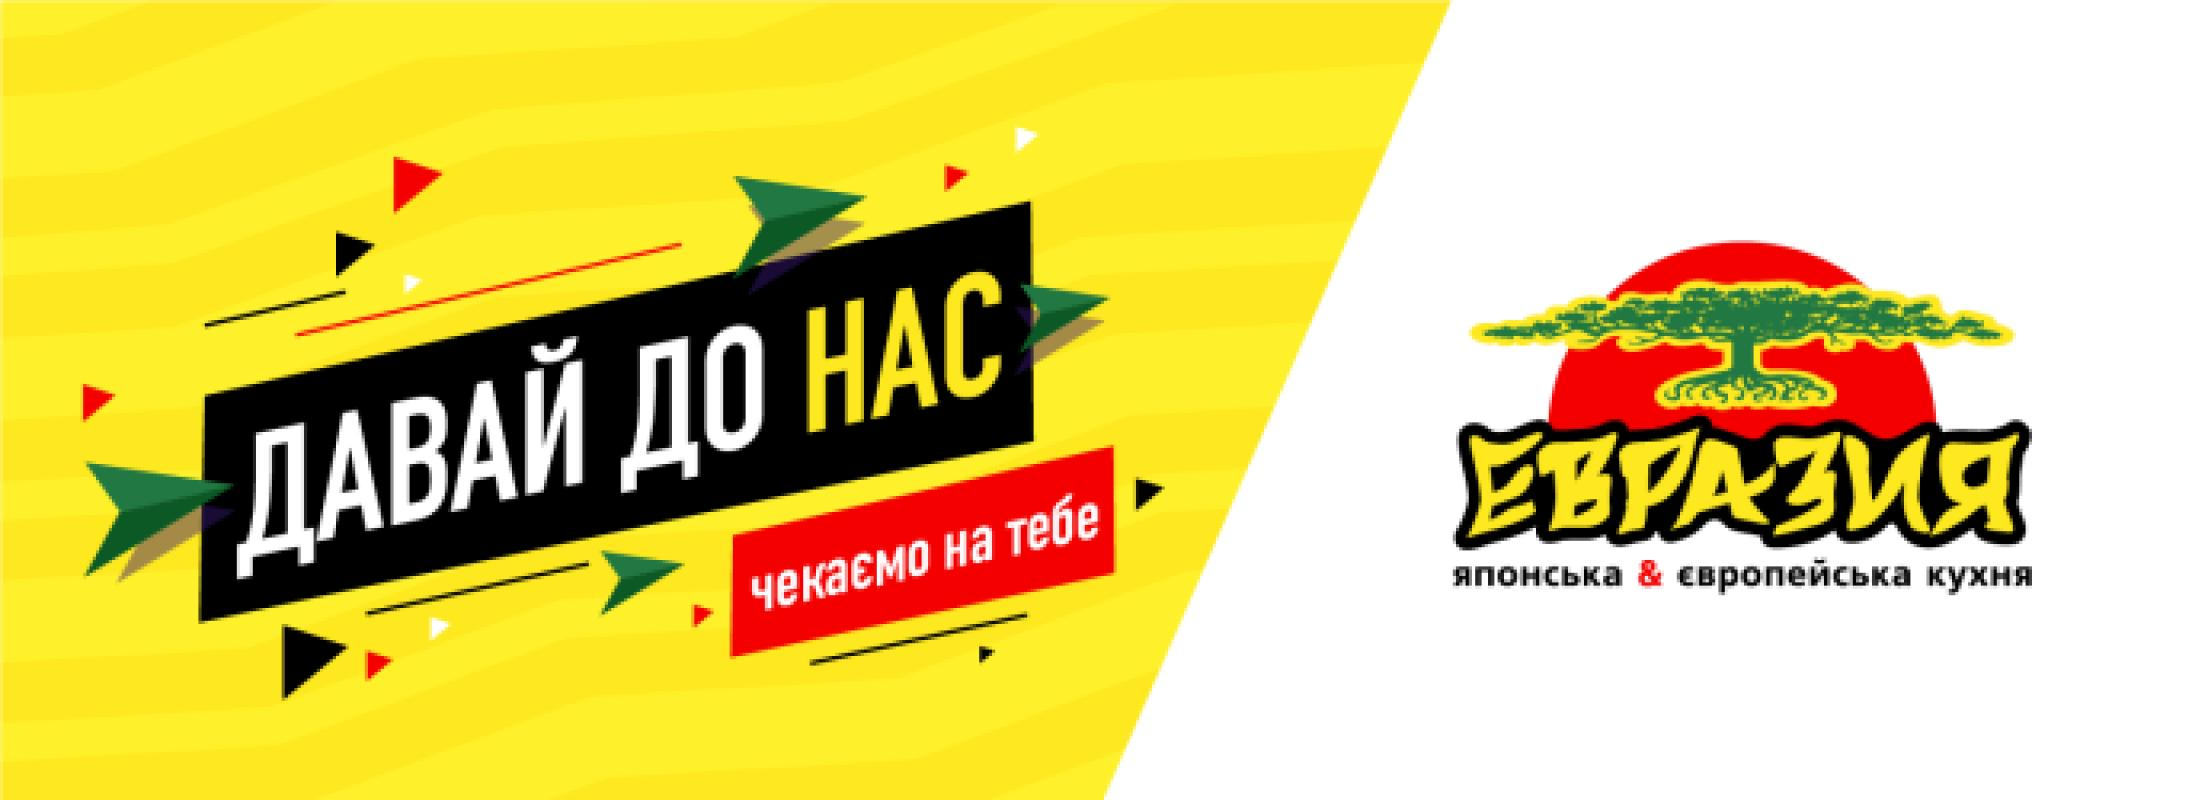 Хостес. Евразия. Киев